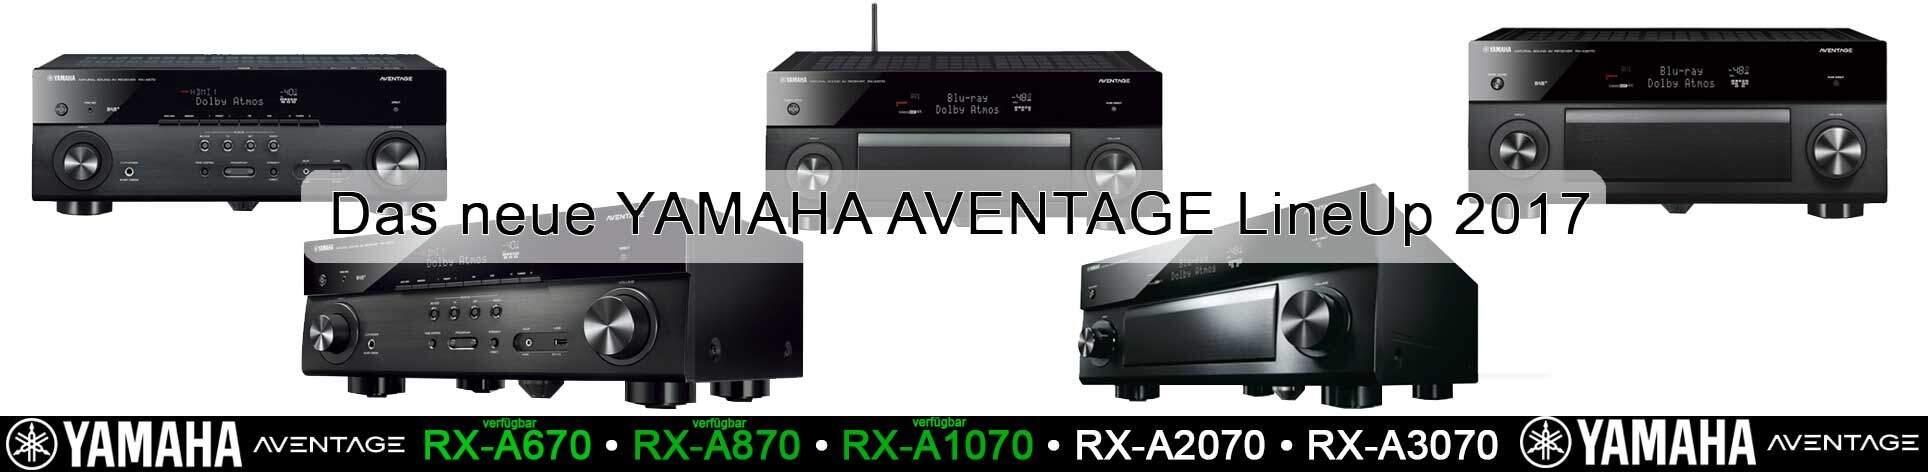 Yamaha Aventage 2017